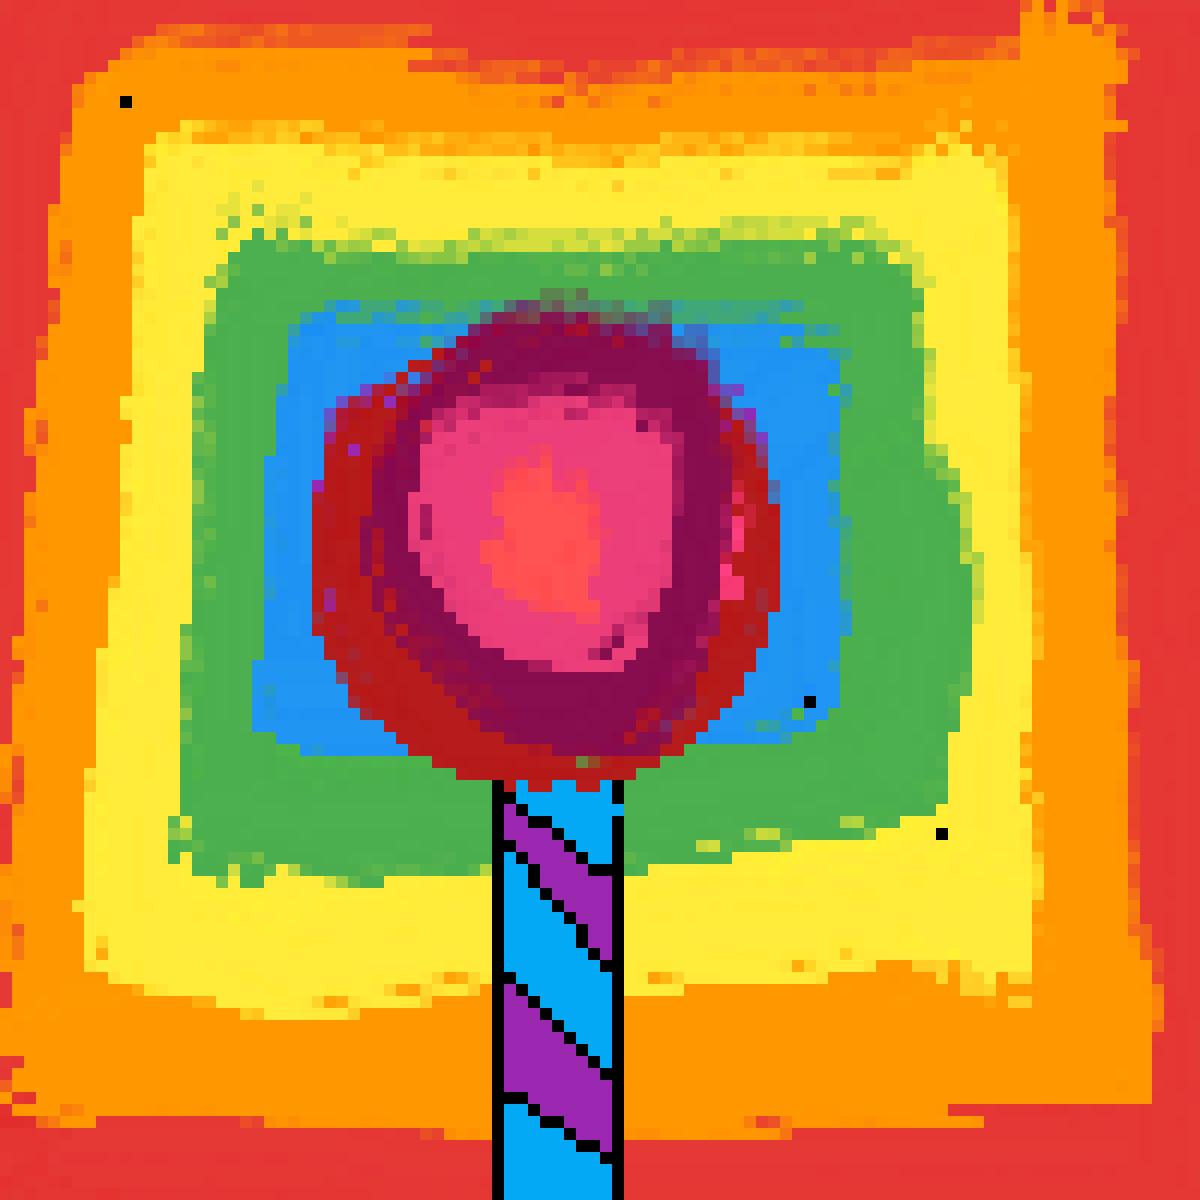 lollipop by avethewinner202